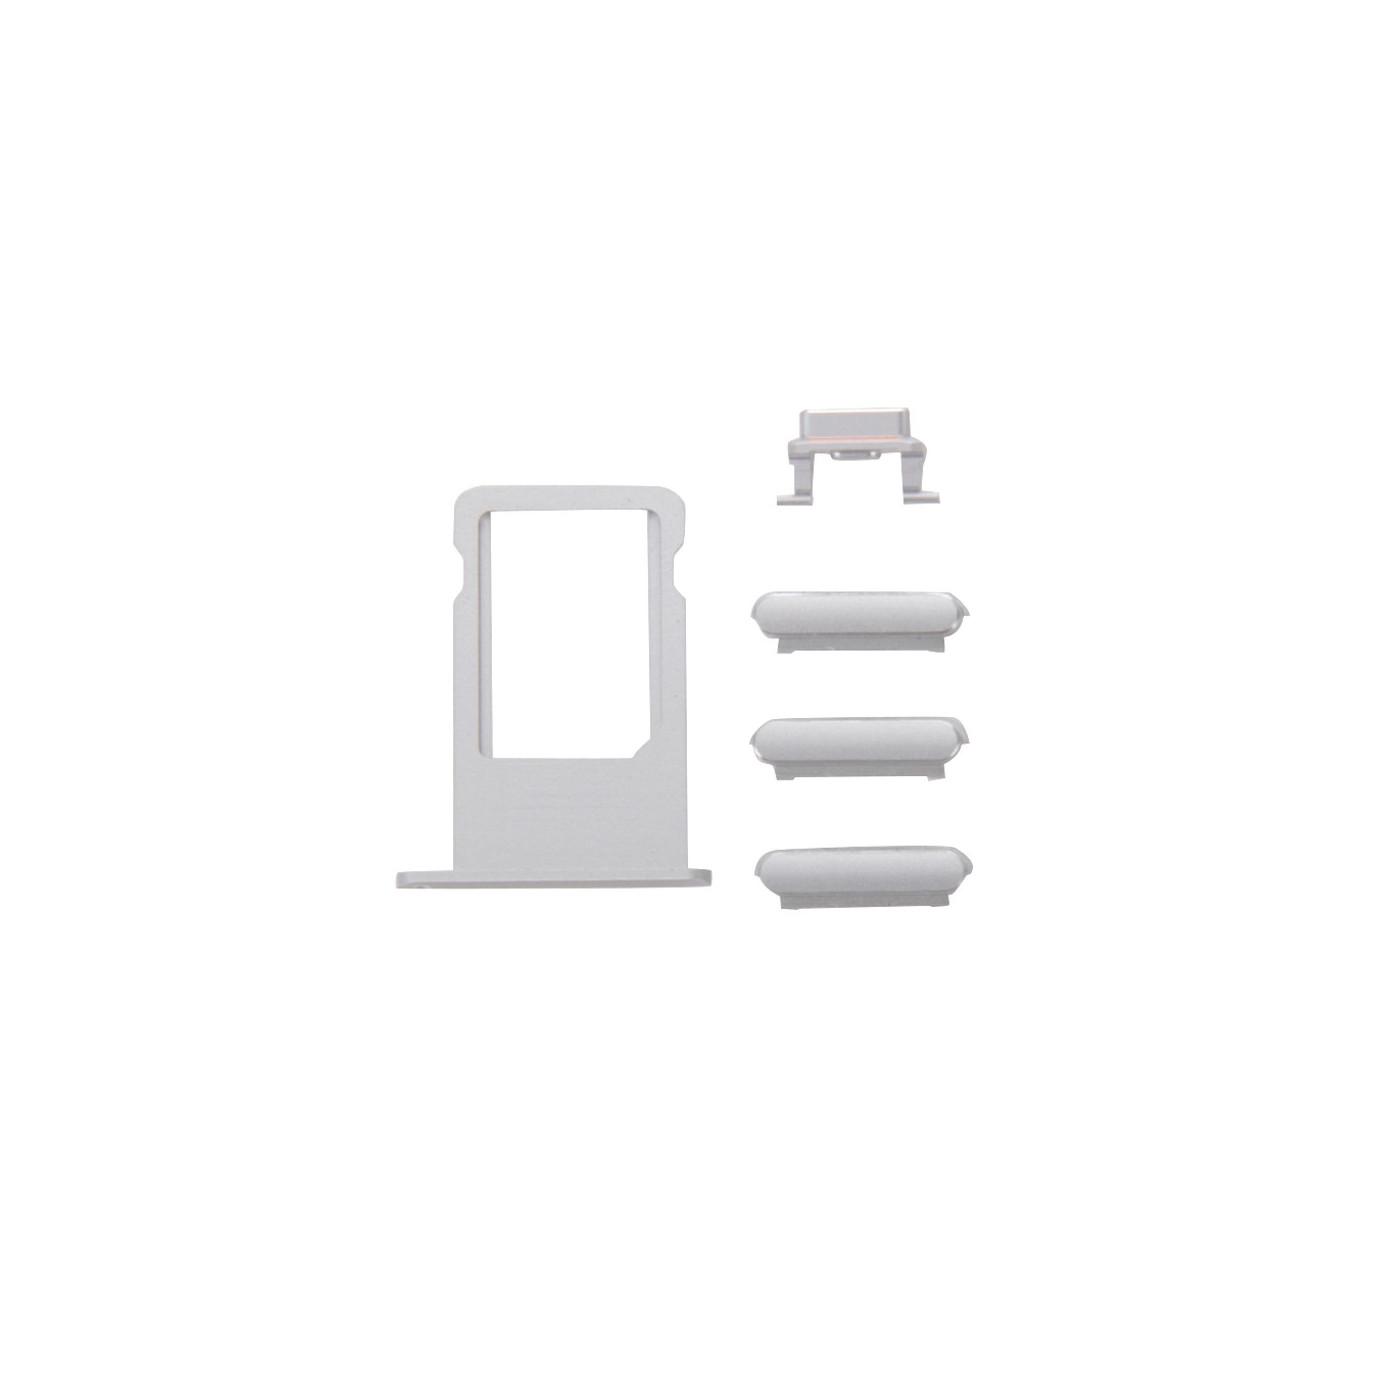 keys Kit 3 in 1 volume power iPhone 6s silver + door sim card